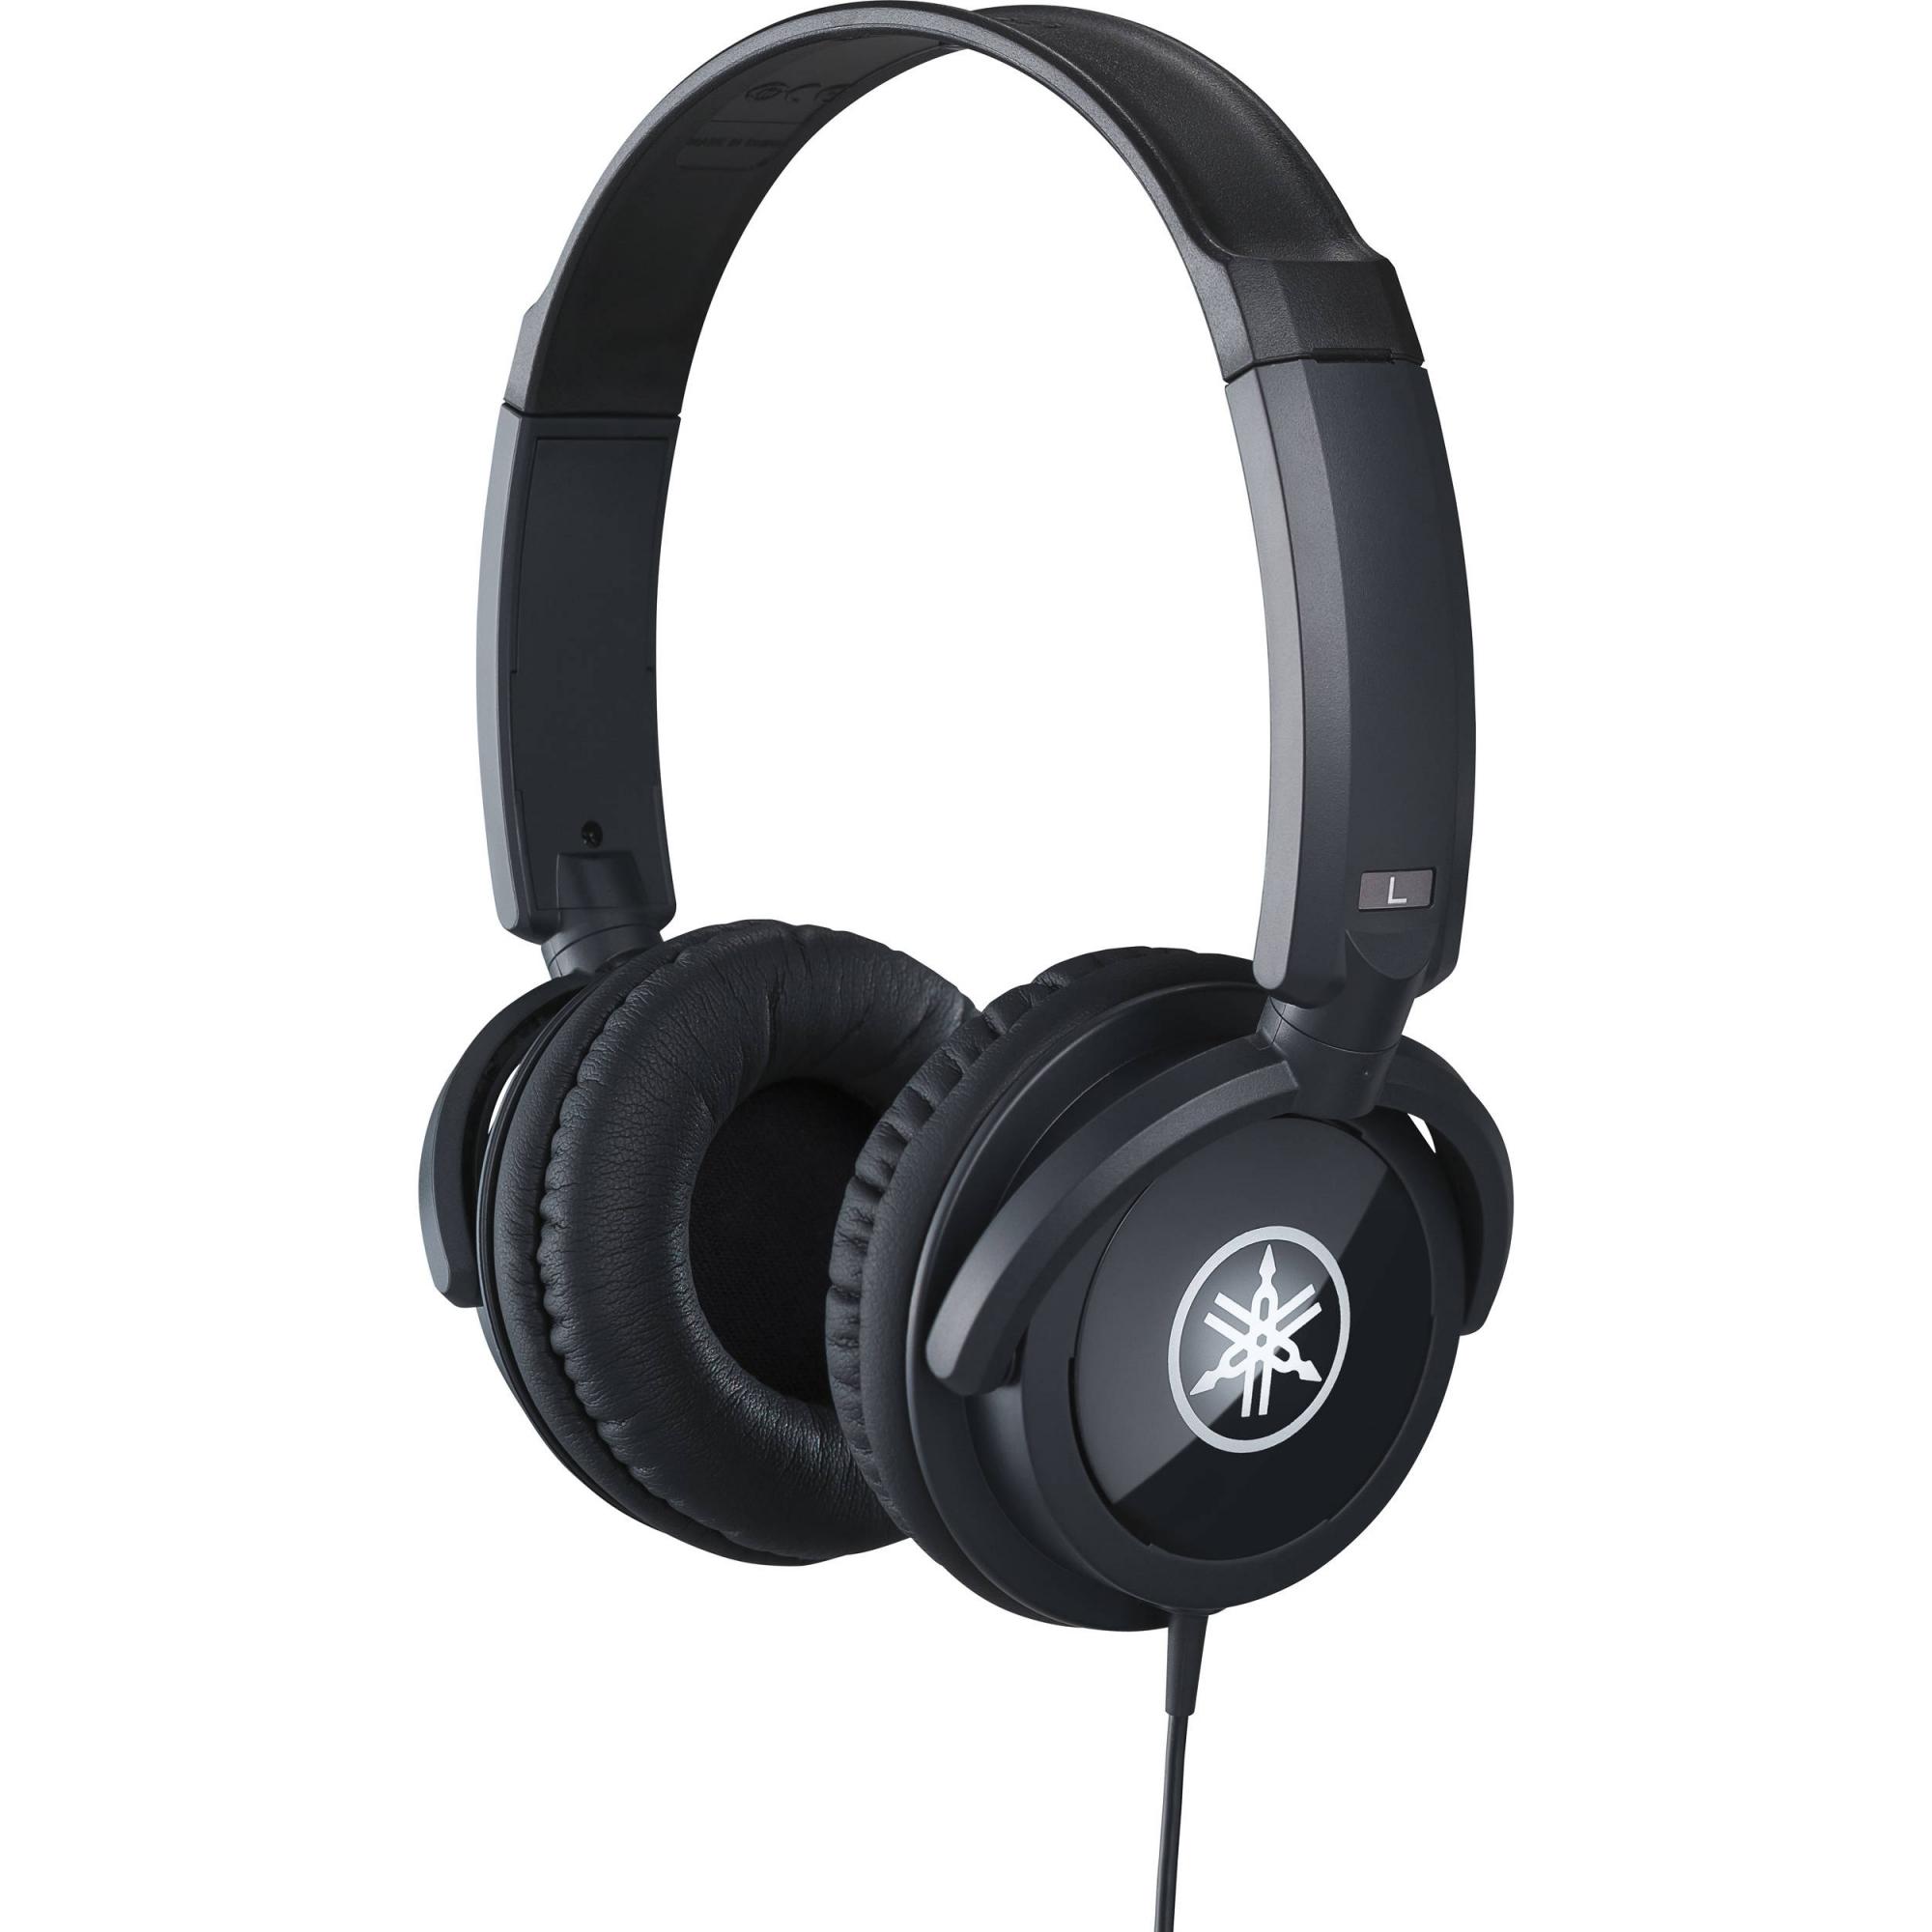 Billede af Yamaha HPH-100, Closed headphone, black